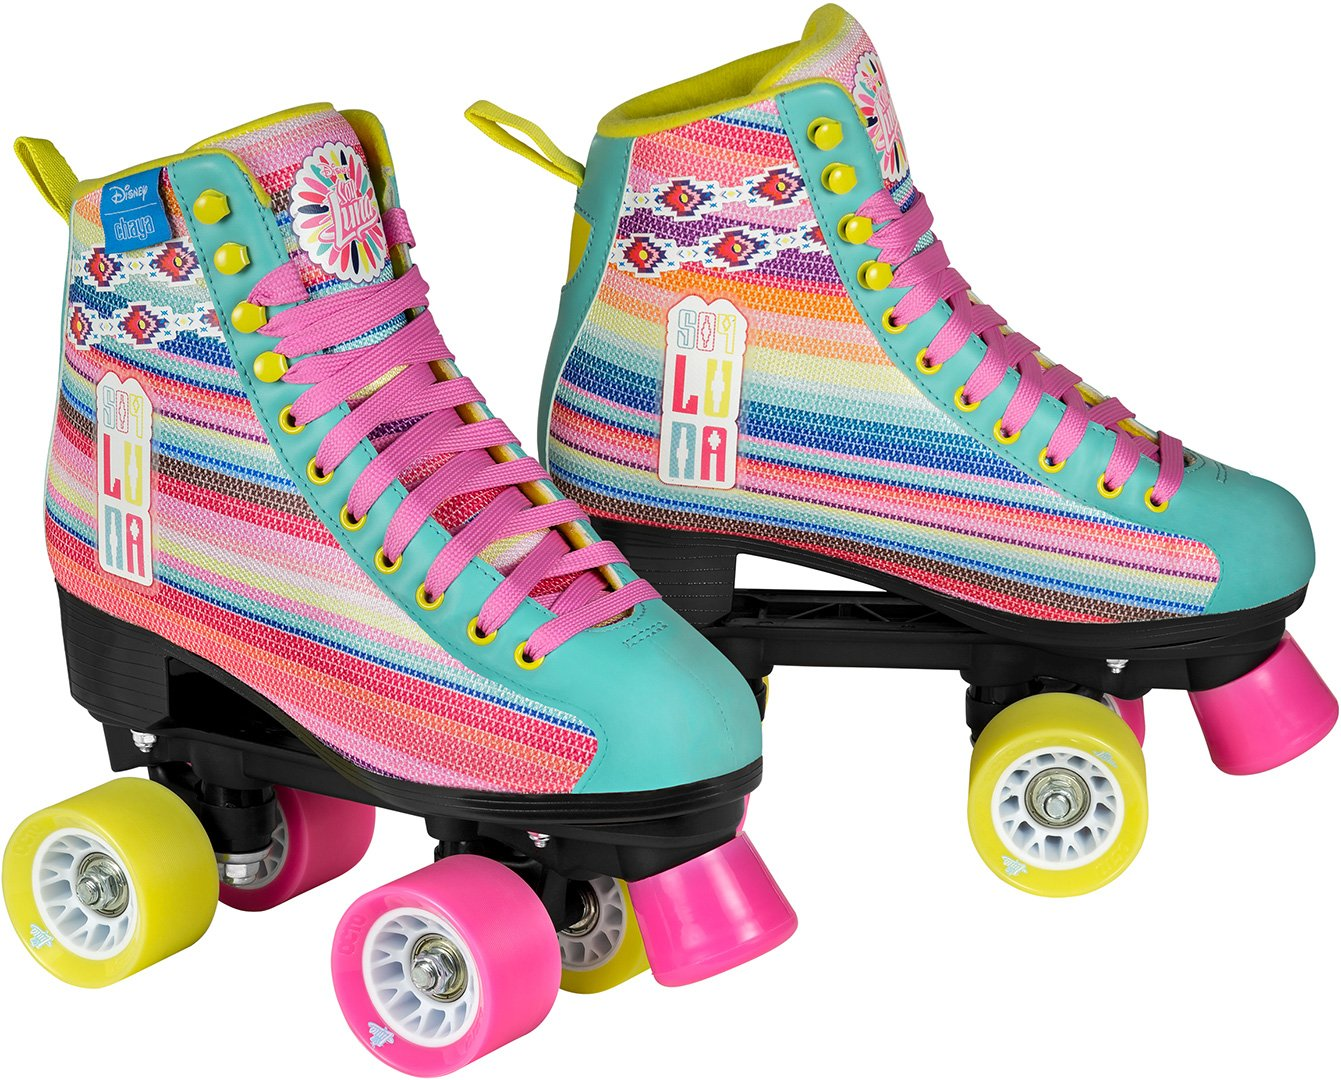 Disney Luna LTD Patines EDICIÓN Patines Infantiles para niños de Color Rosa niñas: Amazon.es: Deportes y aire libre